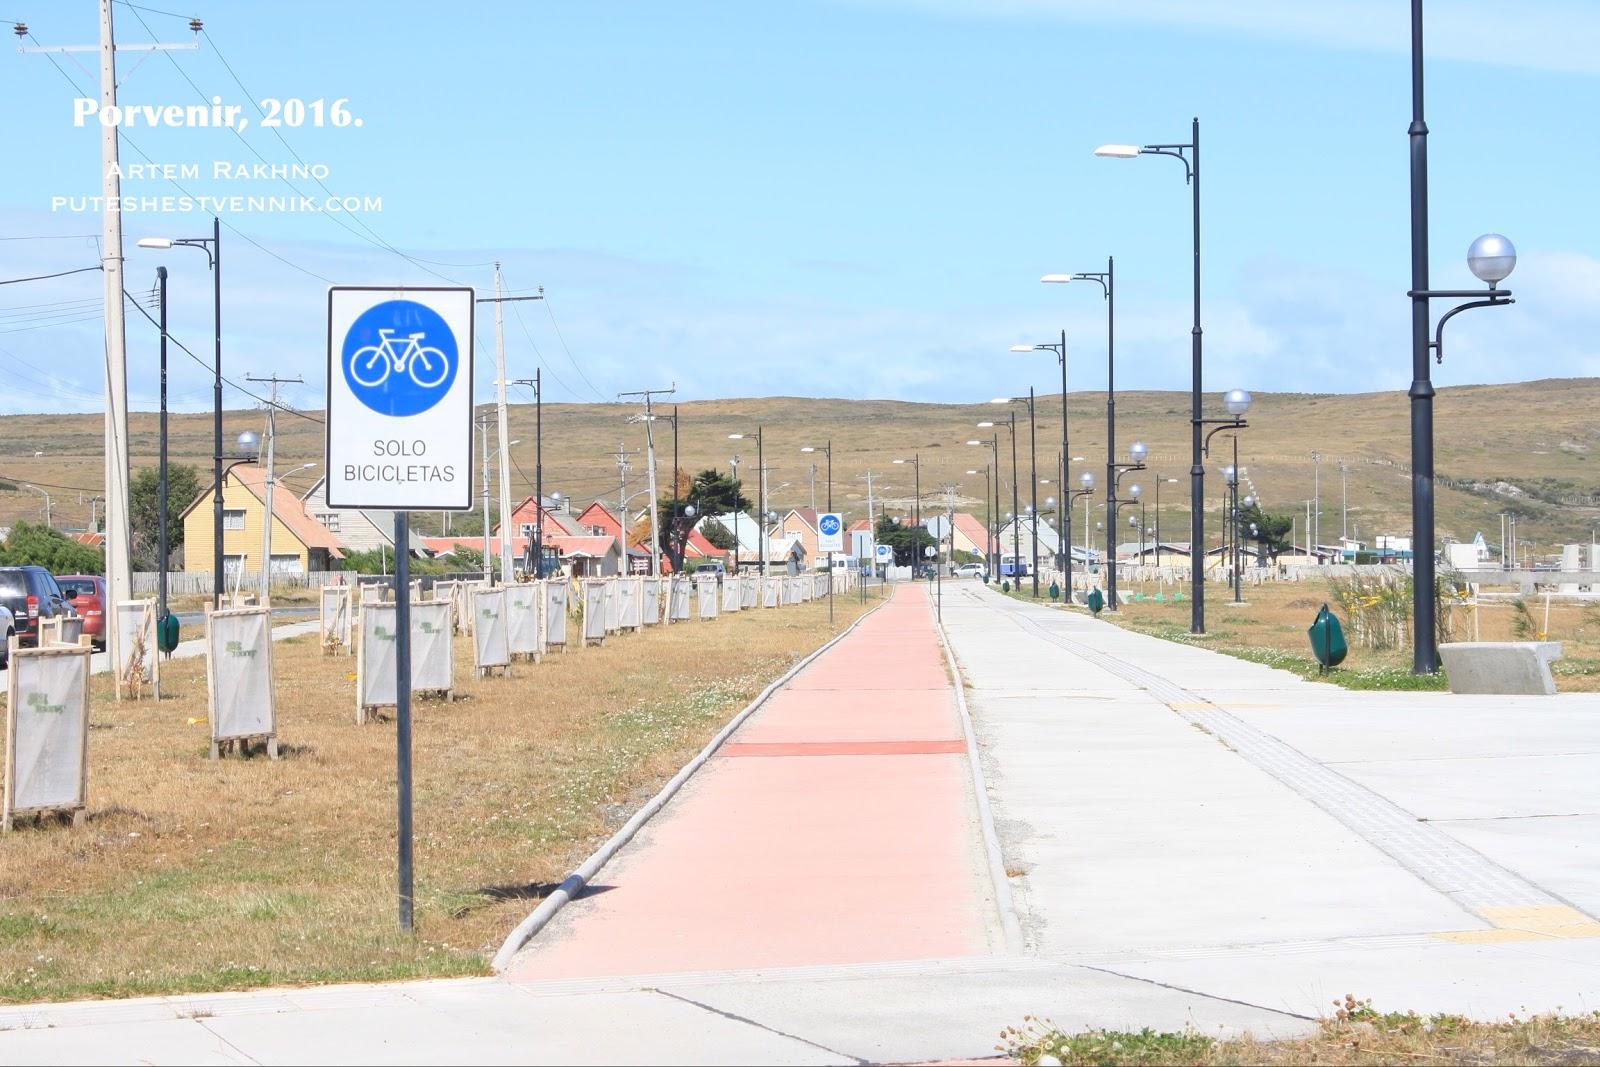 Велосипедная дорожка в Порвенире